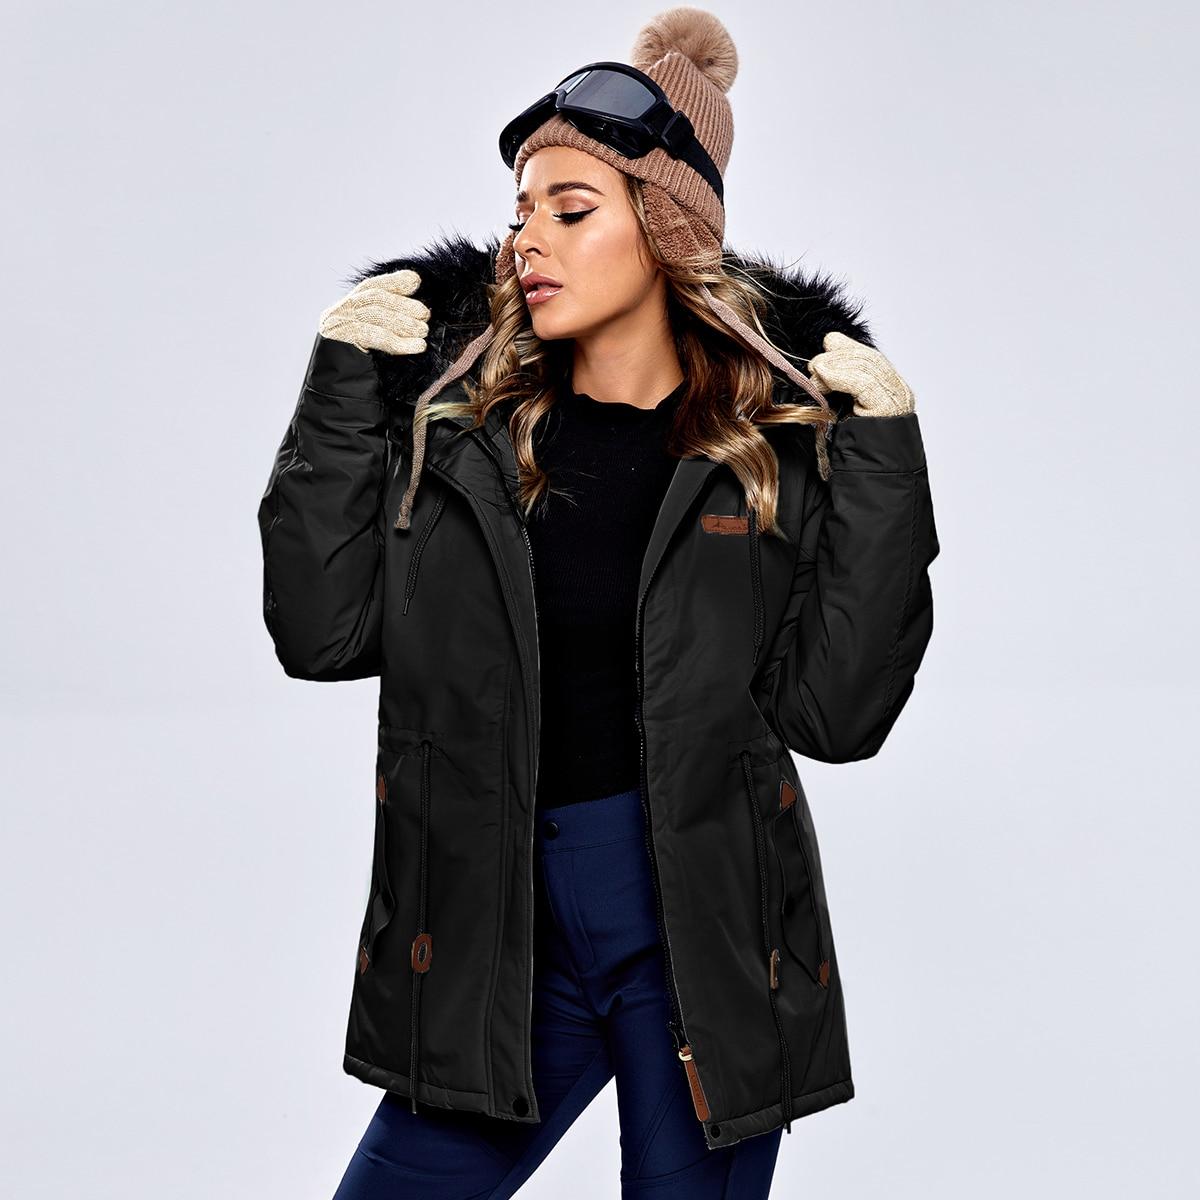 Водонепроницаемая спортивная куртка с капюшоном и искусственным мехом